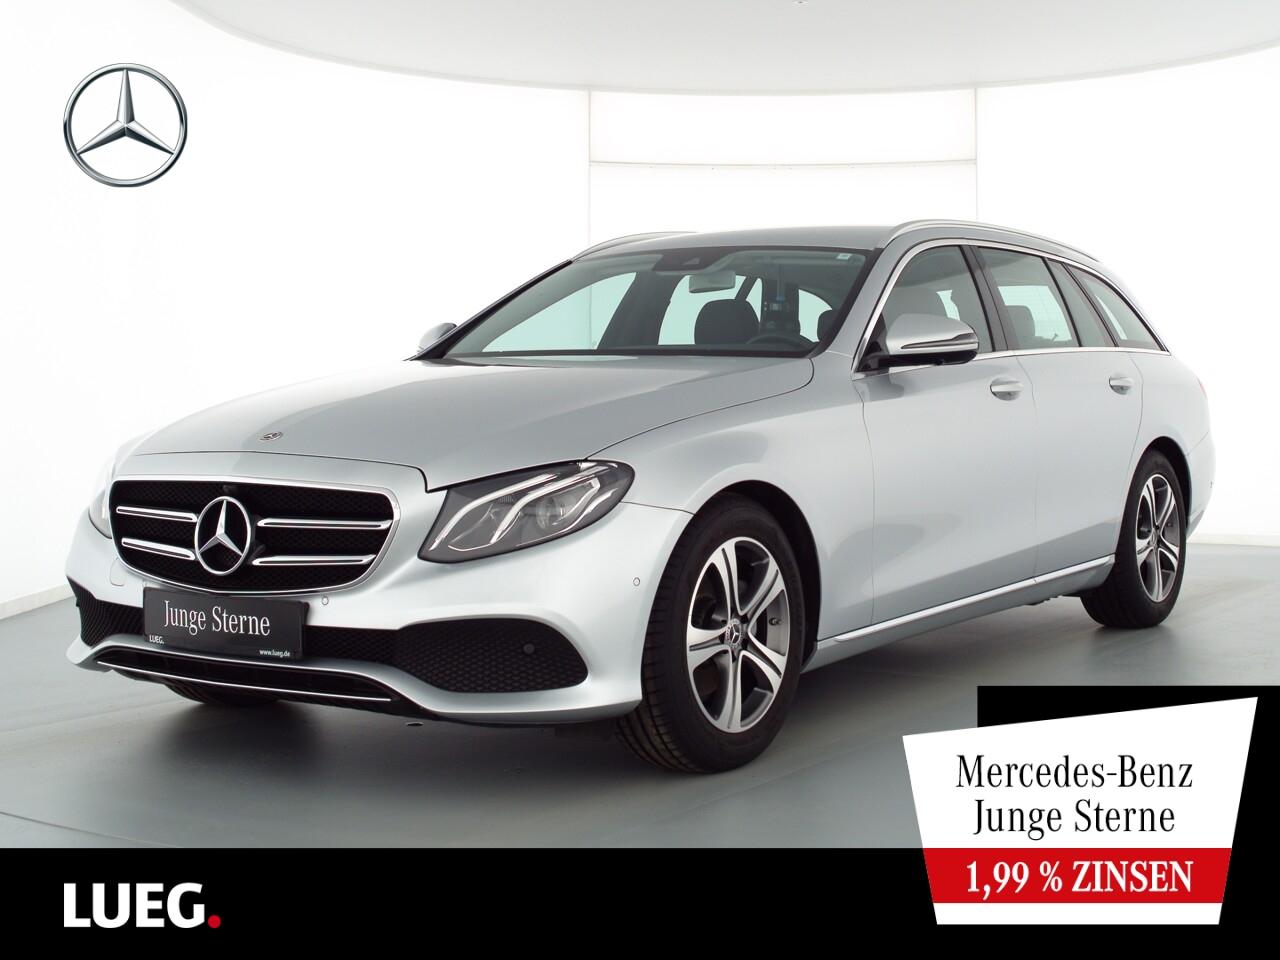 Mercedes-Benz E 200 d T Avantgarde+COM+LED-HP+Totw+ParkAss+360, Jahr 2019, Diesel